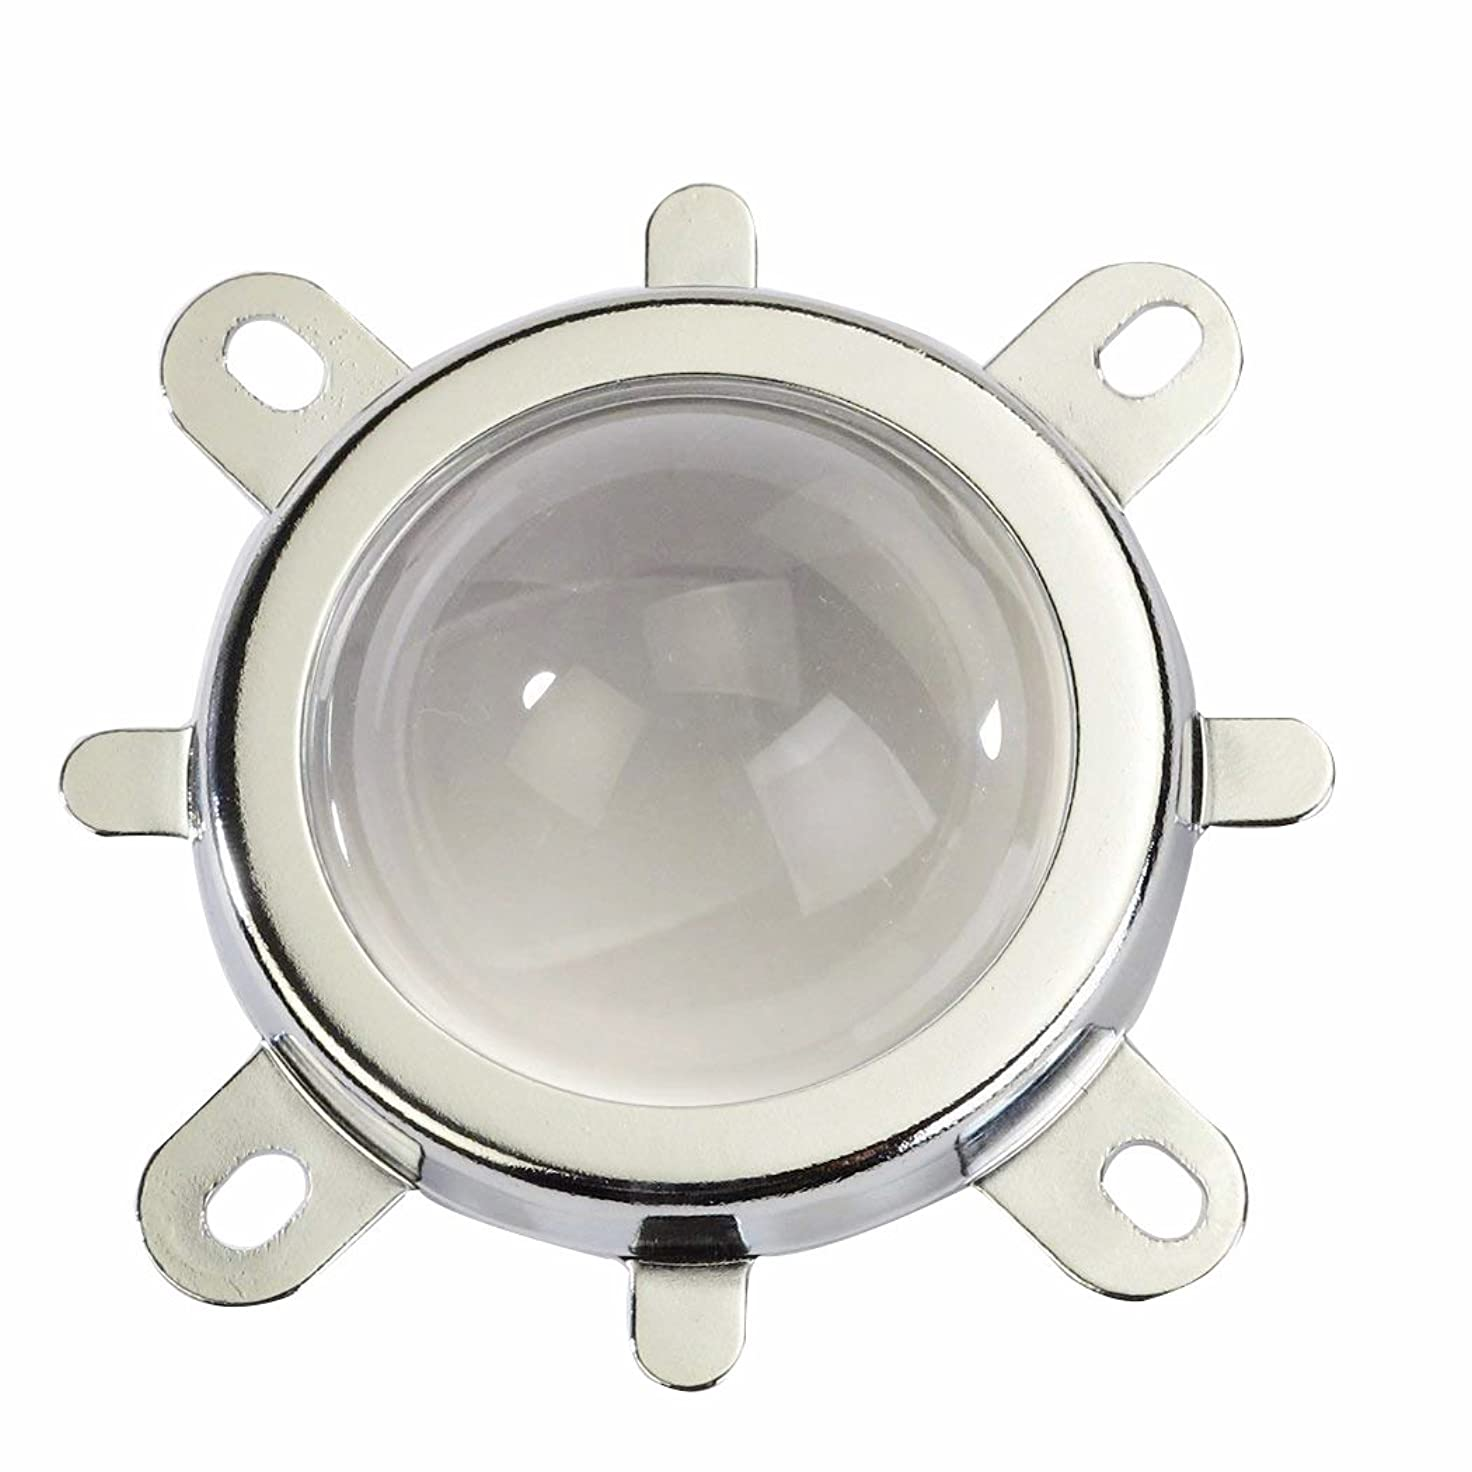 子犬陰謀染料Tesfish 44mm 60度レンズ+ 50mmリフレクターカップ+固定ブラケットは50W 100W LED電球用